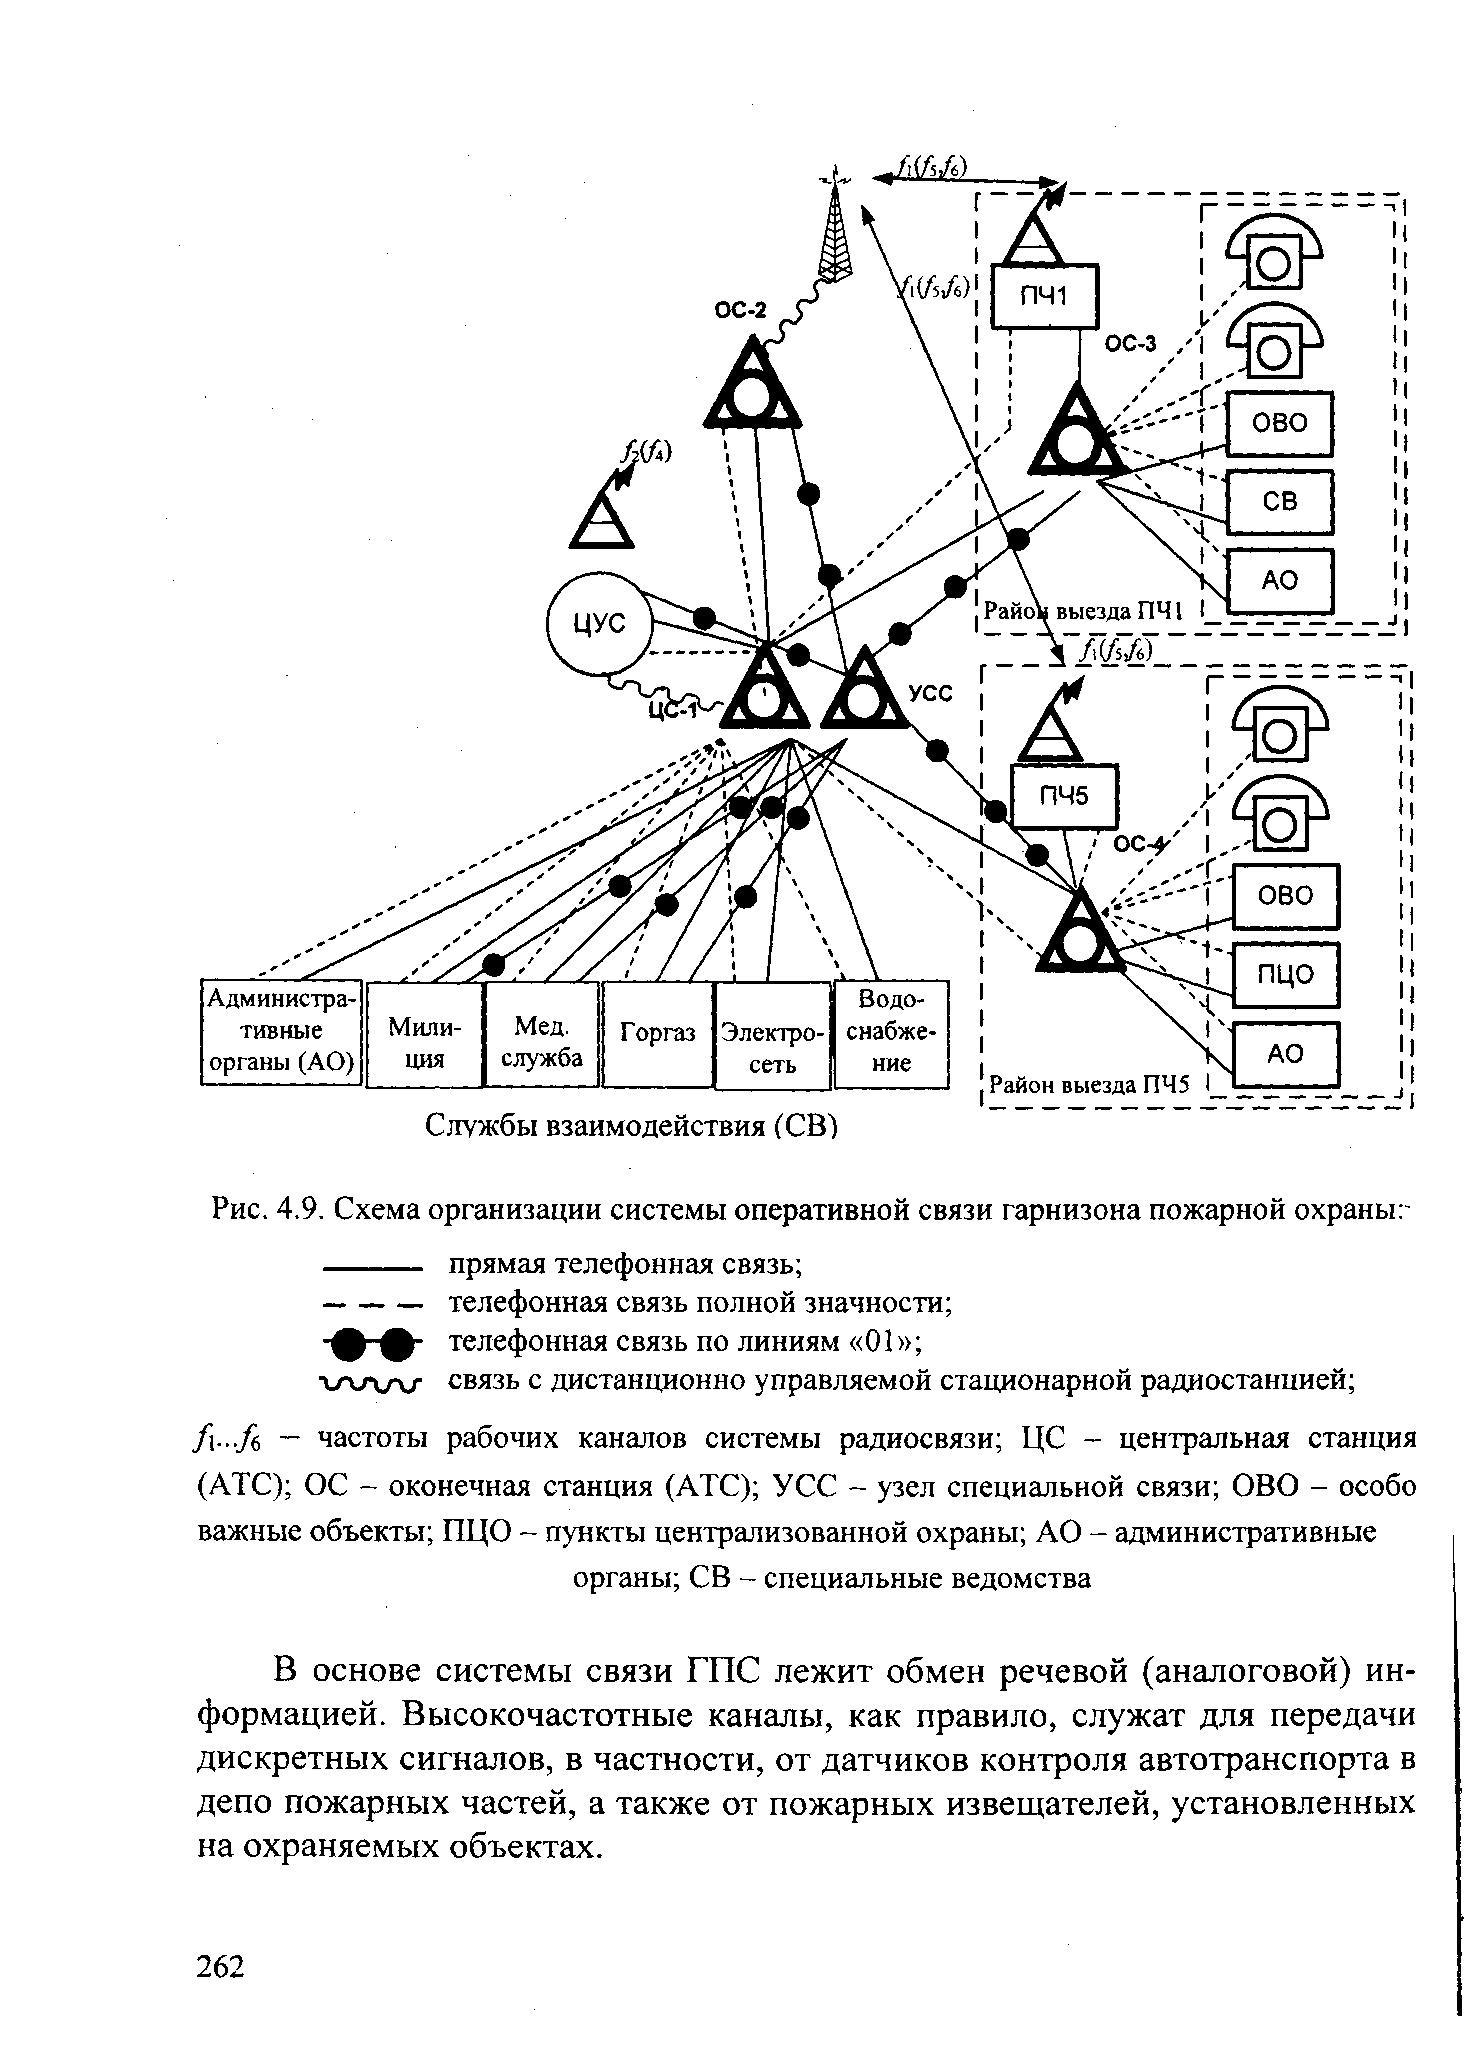 Схема связи на пожаре